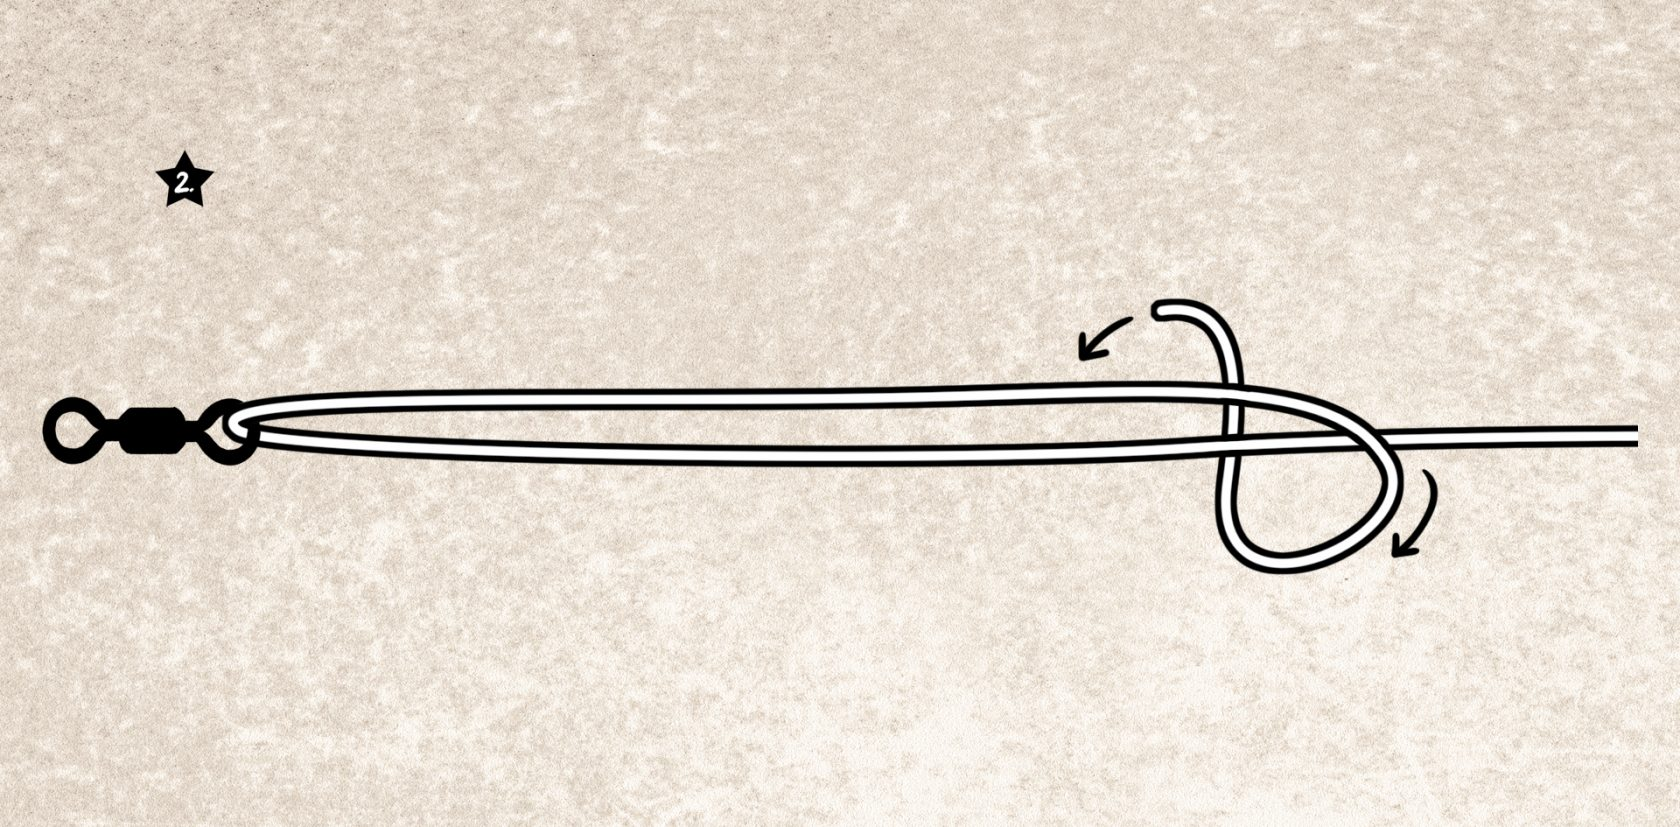 Einer der besten Angelknoten: Reverse Clinch-Knoten